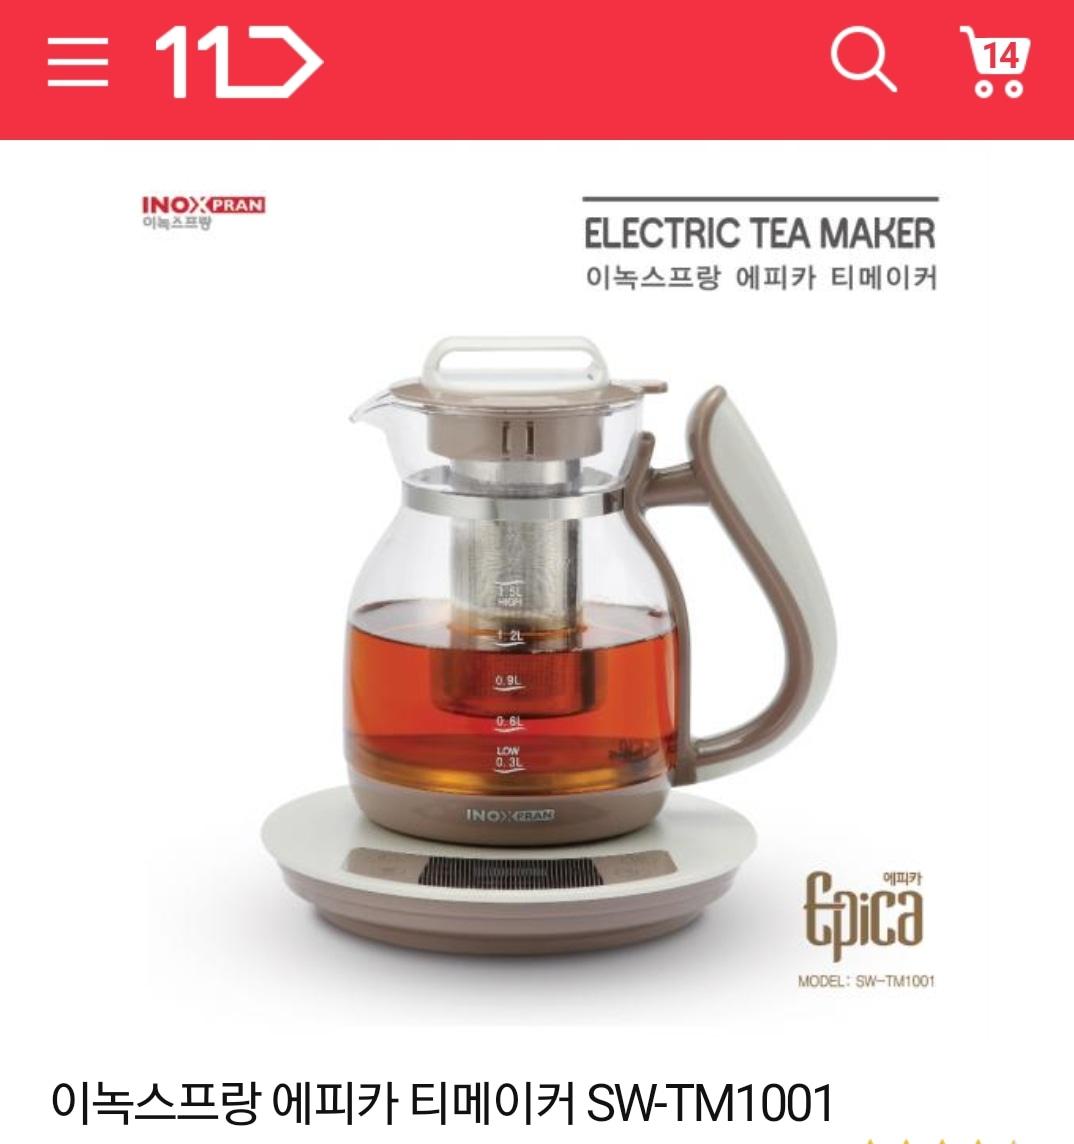 에피카 전기 티메이커